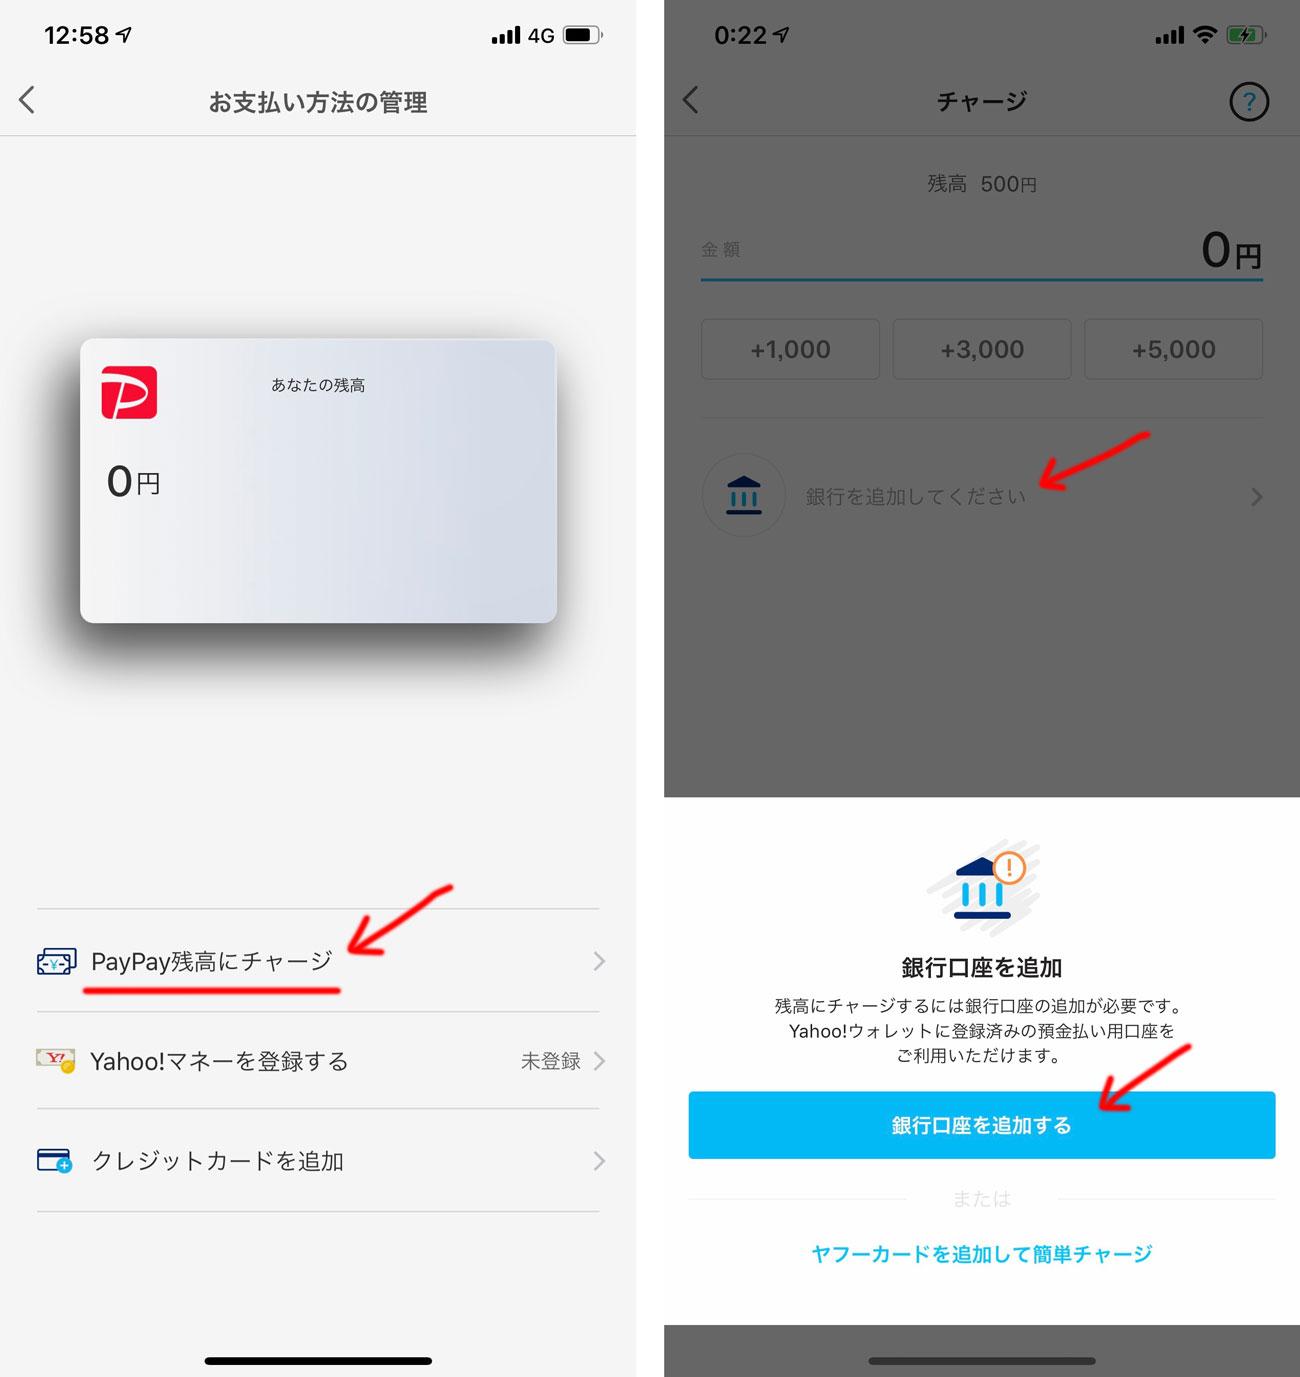 PayPay 銀行口座登録